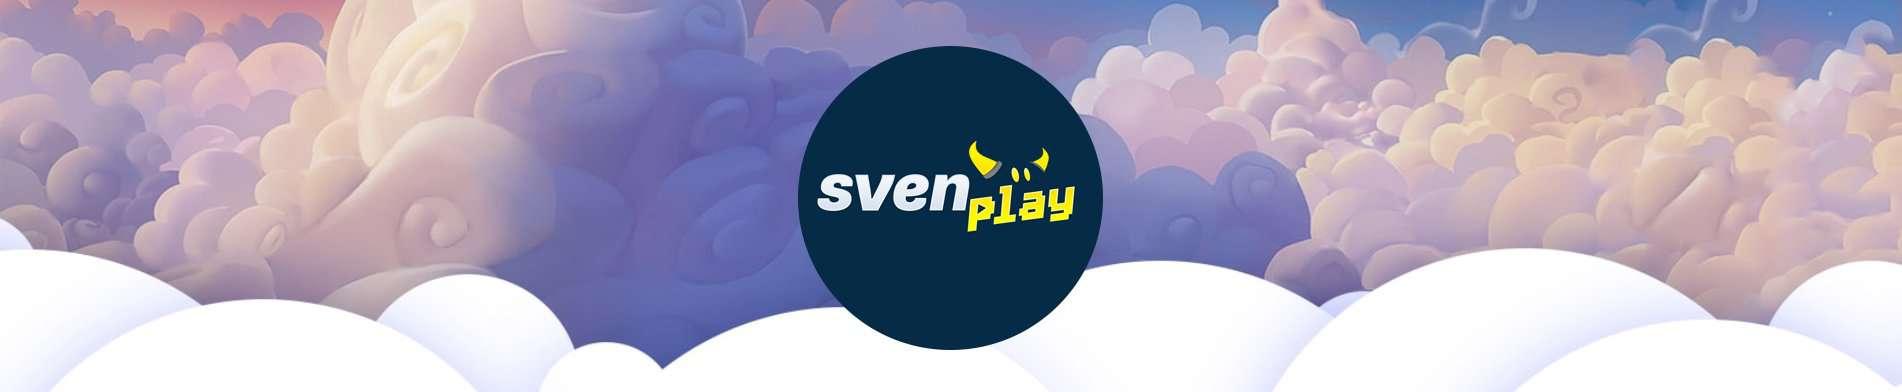 Svenplay Casino Banner